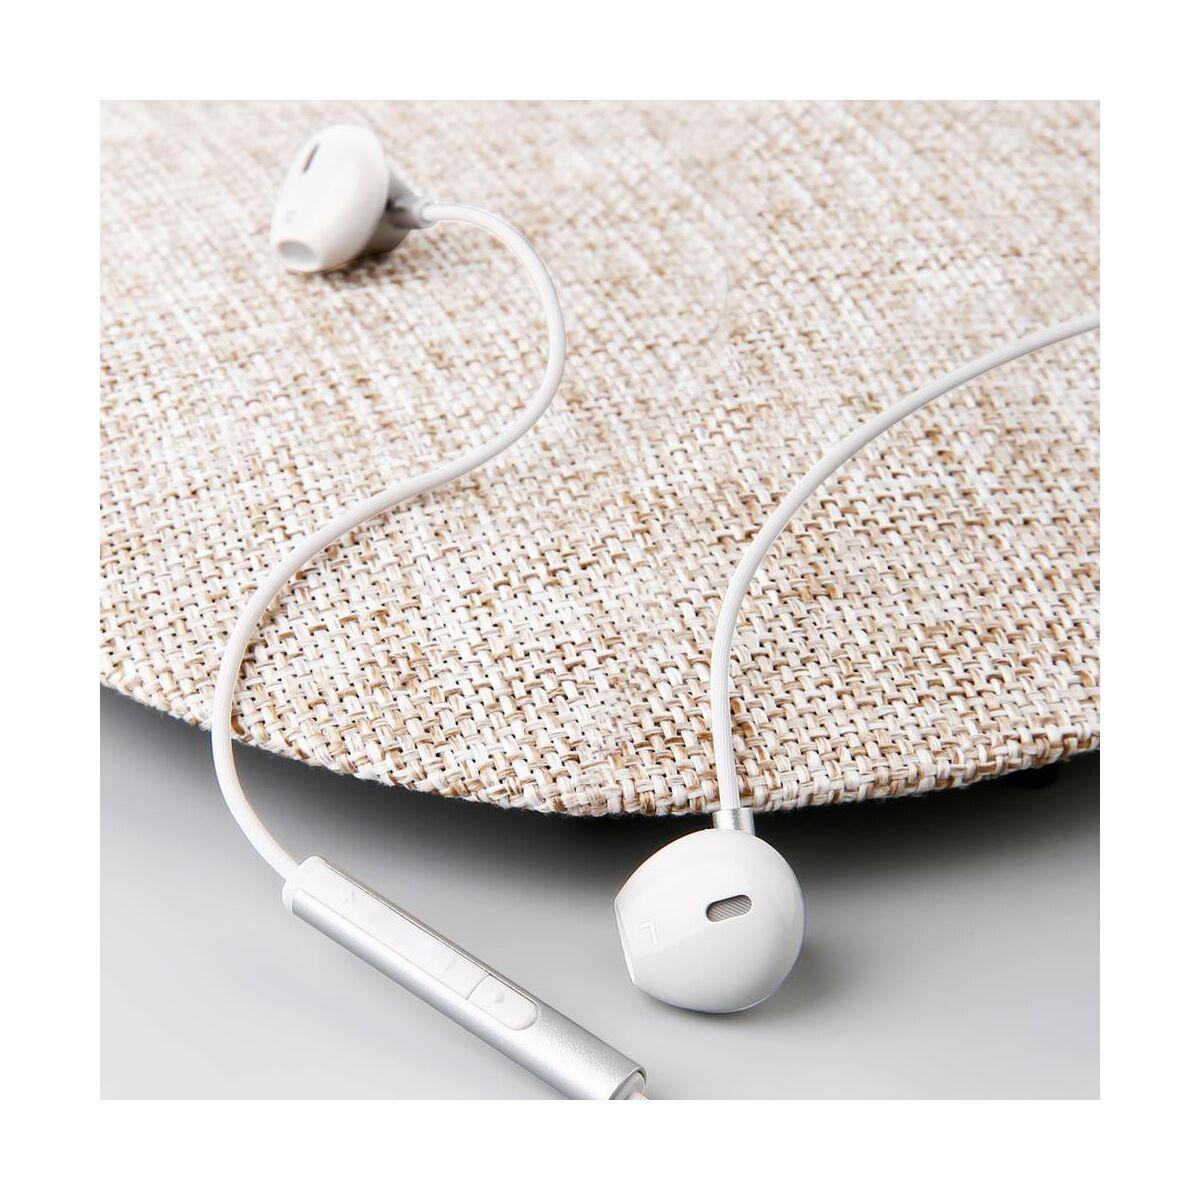 Baseus fülhallgató, Encok H06, lateral-in-ear, mini jack, vezetékes, ezüst (NGH06-0S)